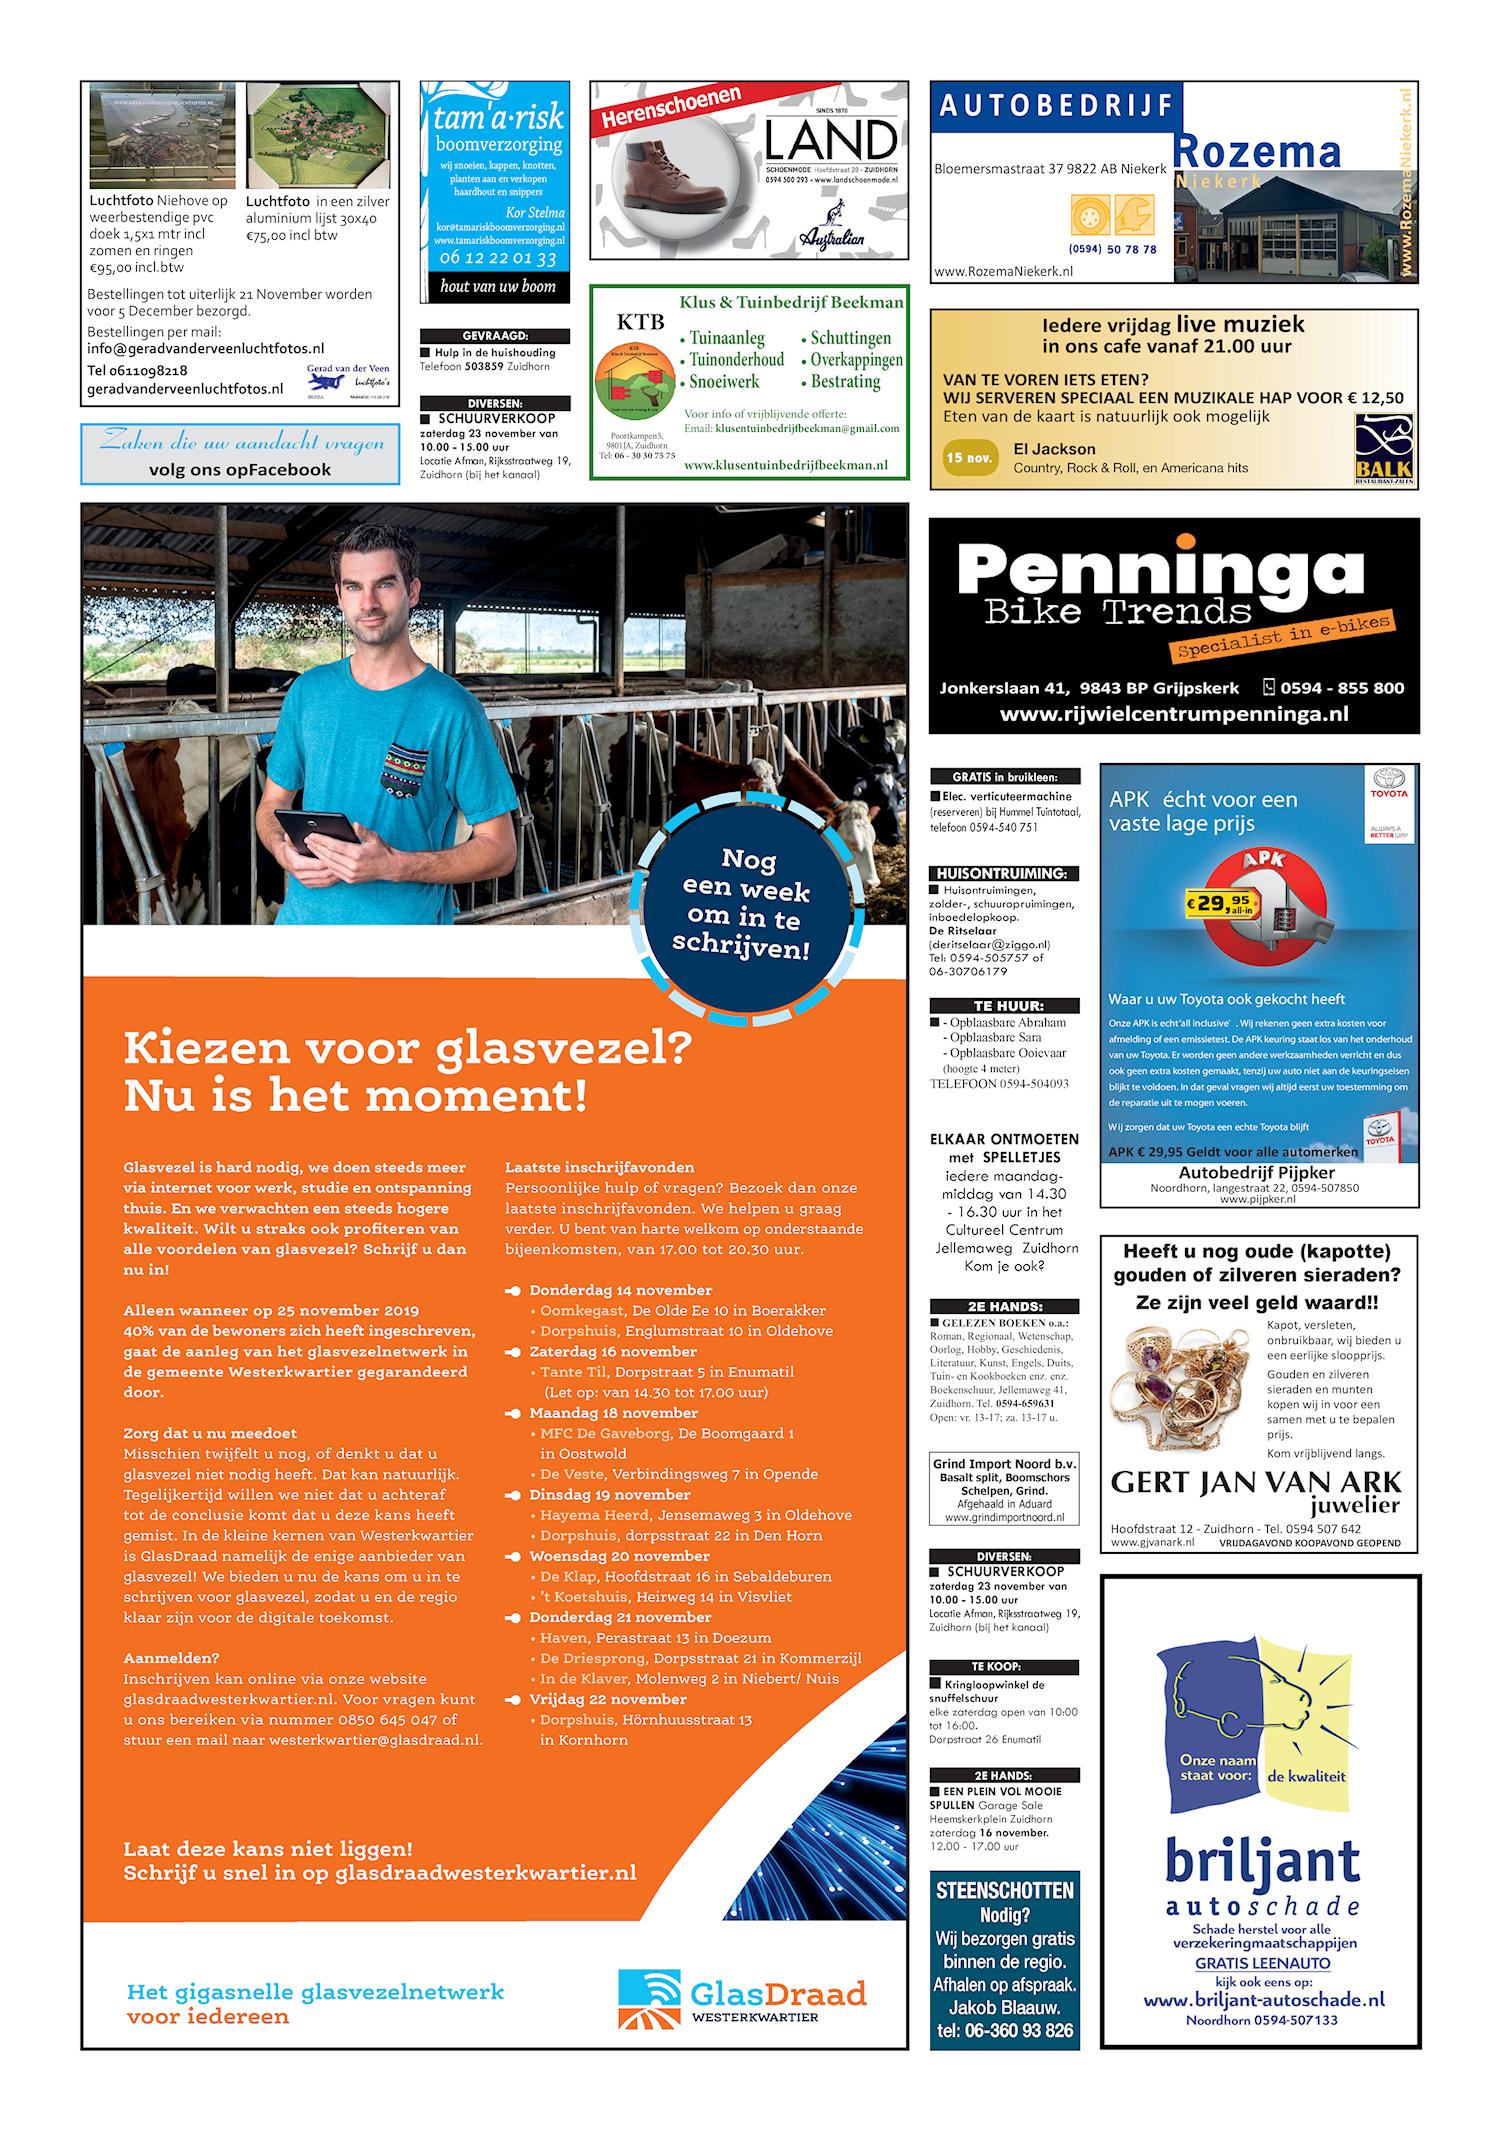 Drukkerij Hekkema - Zuidhorn - Zaken die uw aandacht vragen 2019 week 46